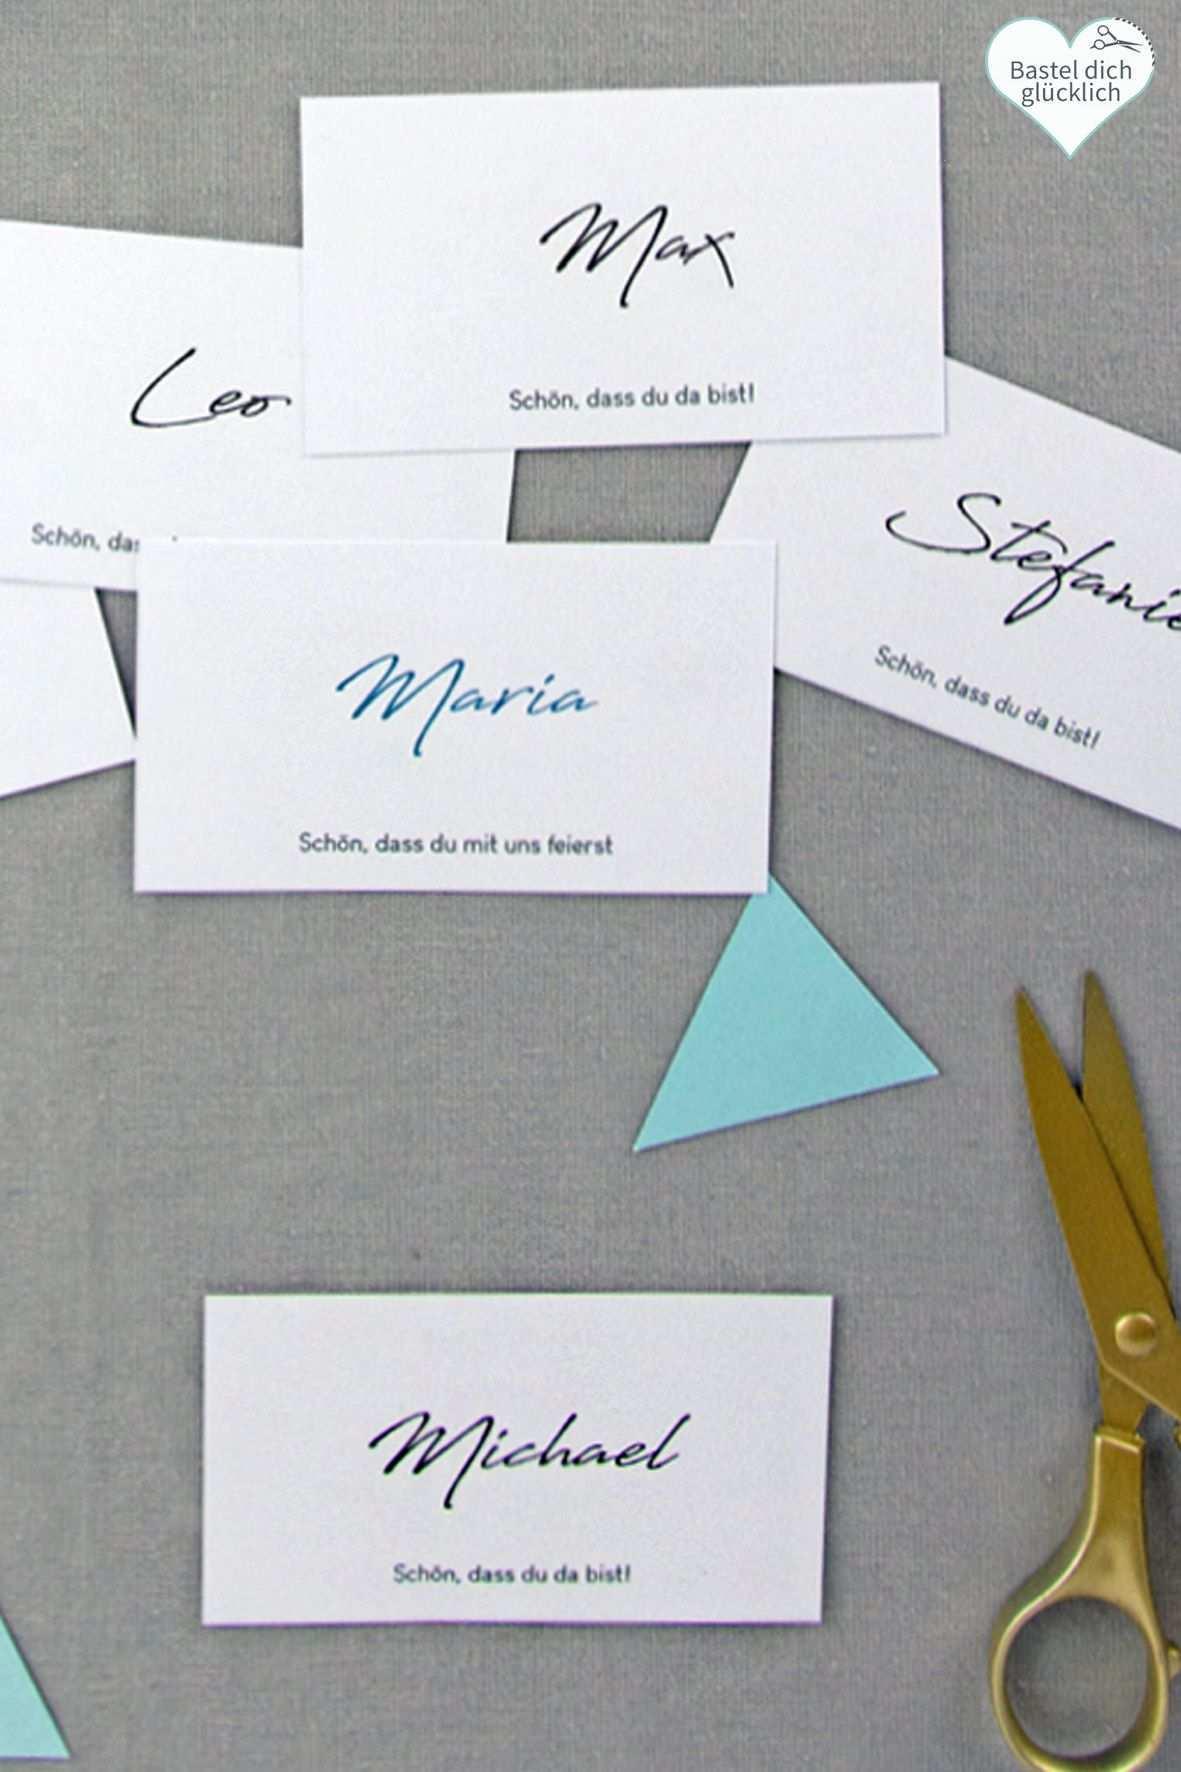 Minimalistisch 133 Word Vorlagen Zum Ausdrucken Namenskarten Ausdrucken Diy Hochzeit Planen